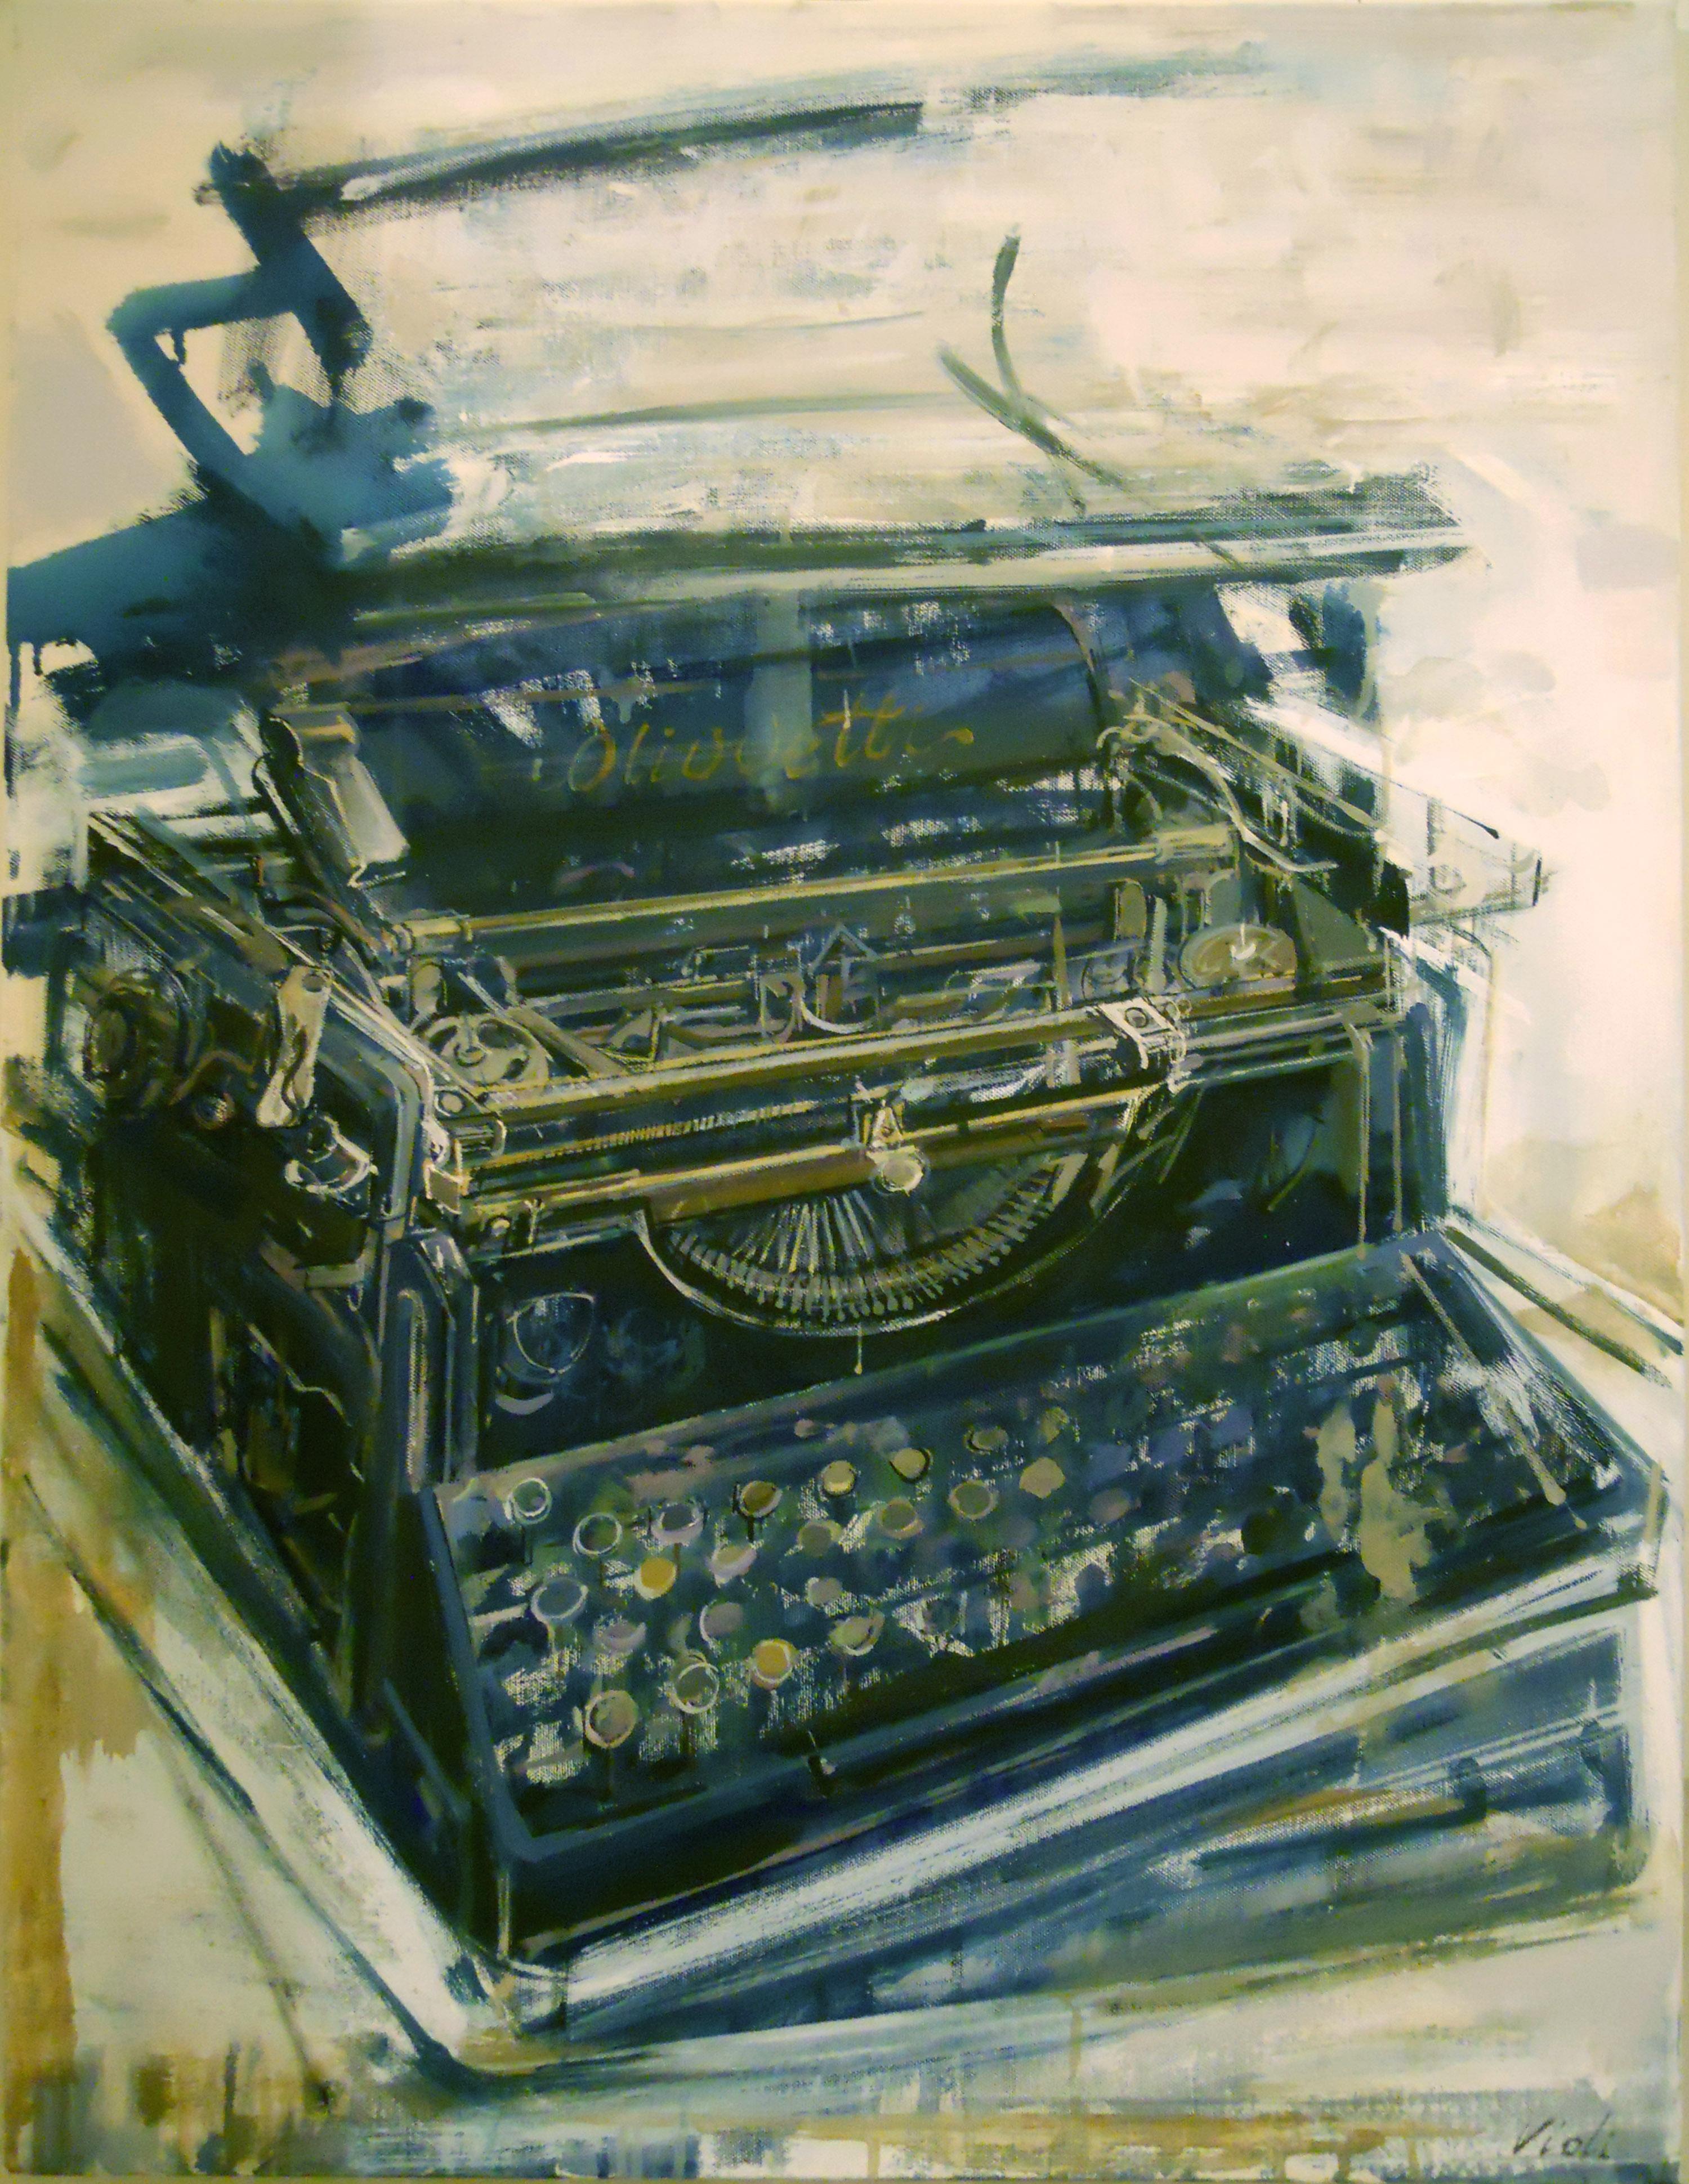 Carmelo Violi Macchina per scrivere 2015, acrilico su tela cm 90x65